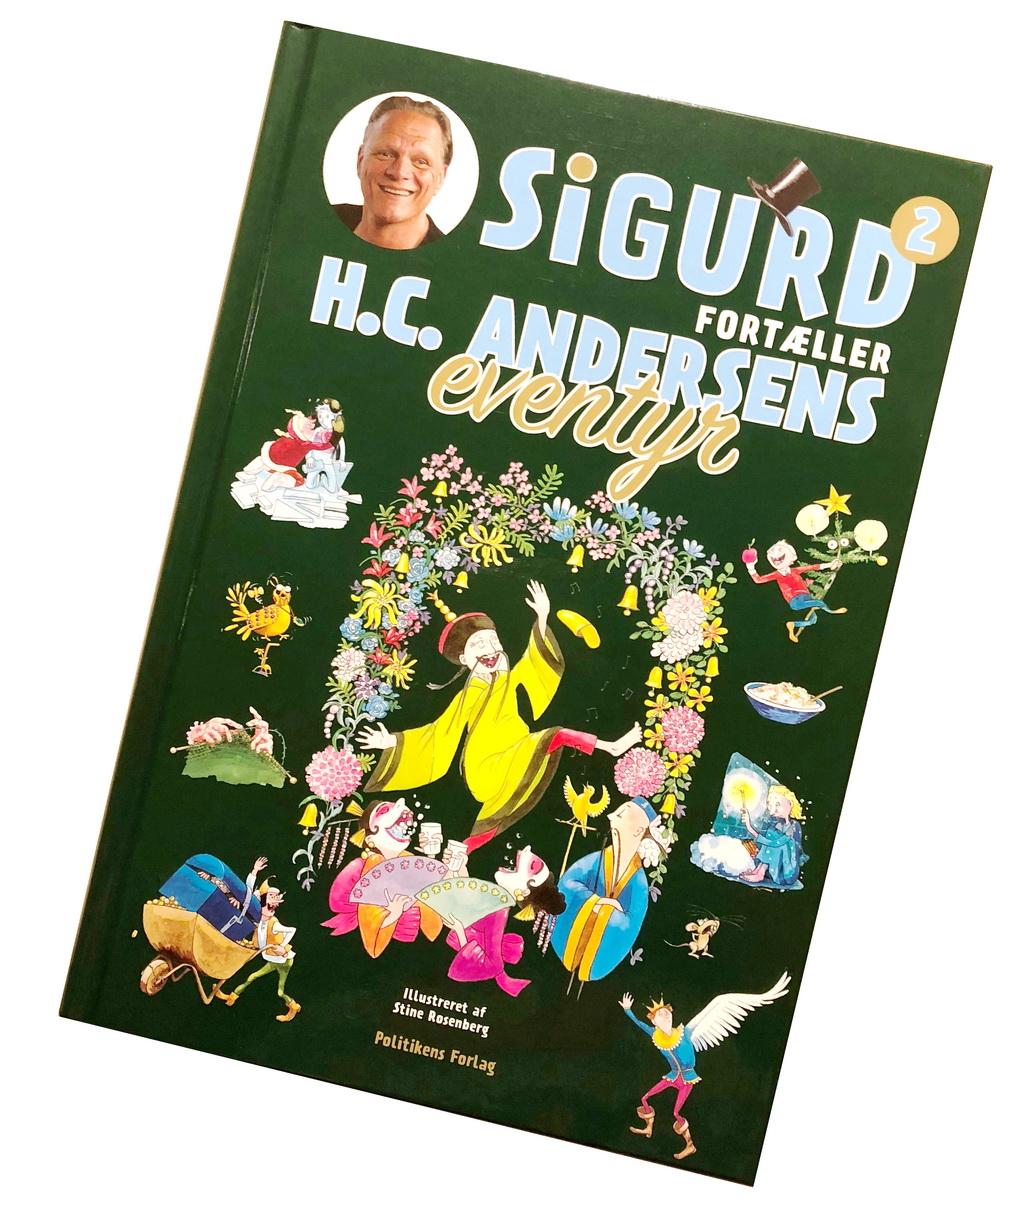 2. bind af Sigurd fortæller H.C. Andersens eventyr